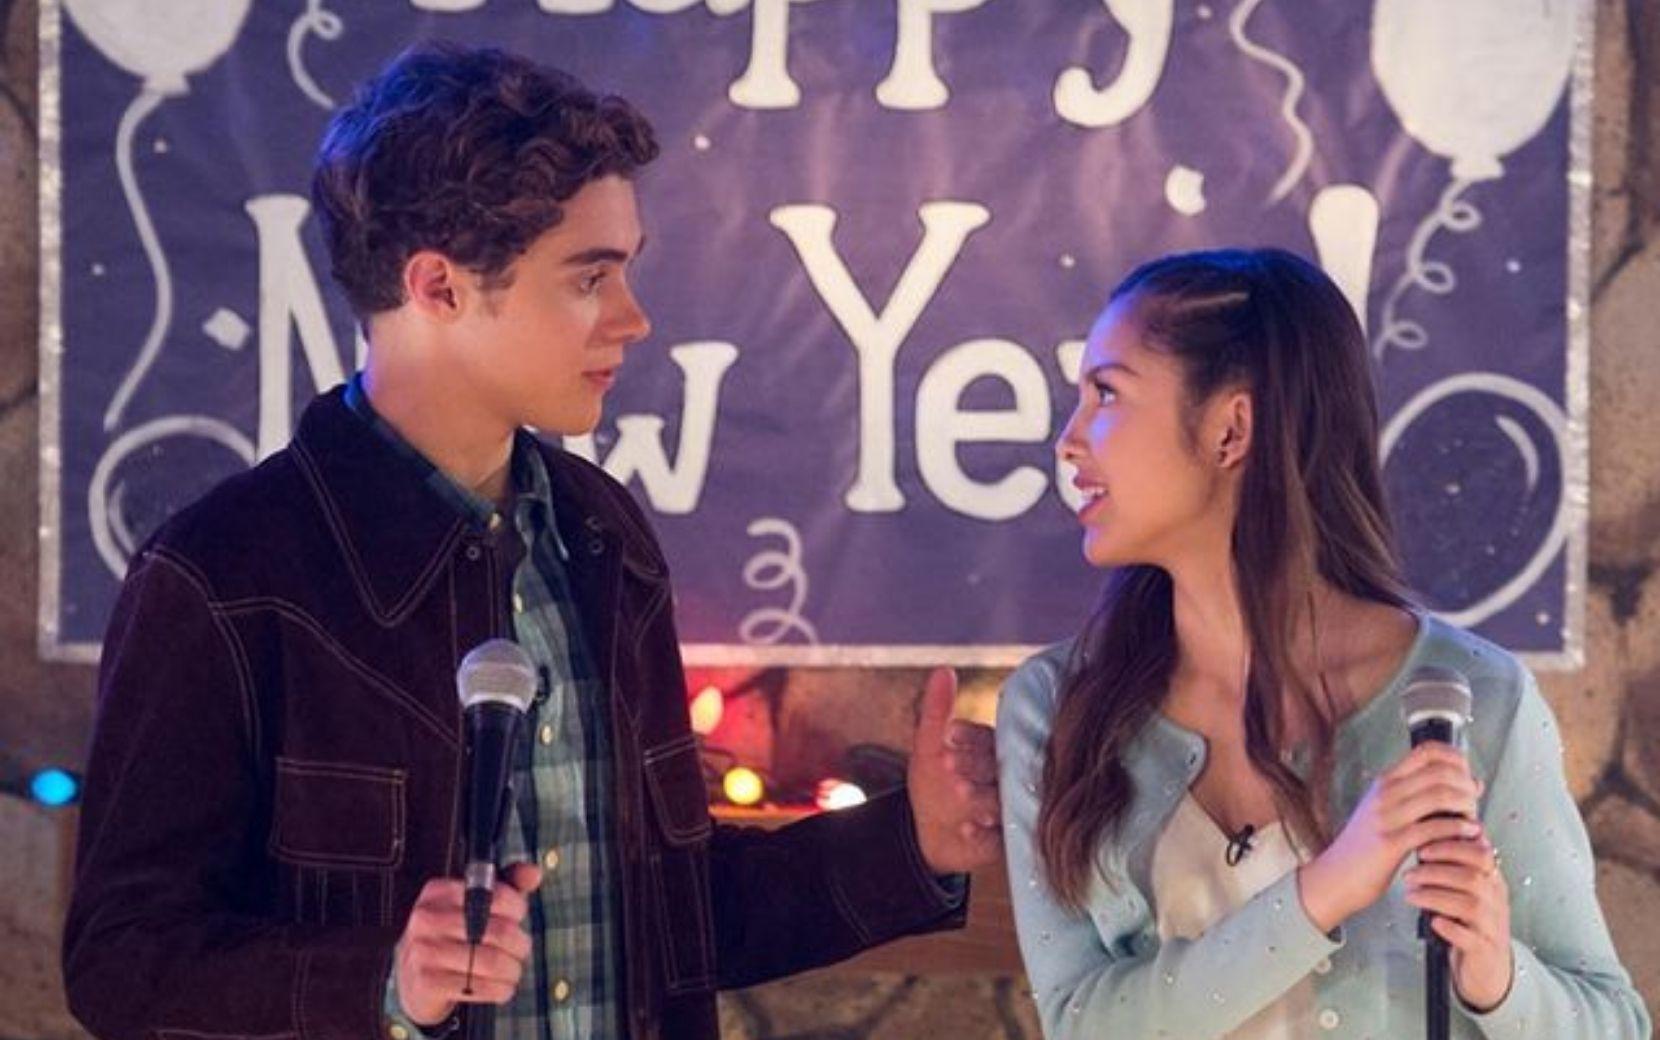 """Elenco da série de """"High School Musical"""" confirma fim das filmagens da 2ª temporada"""